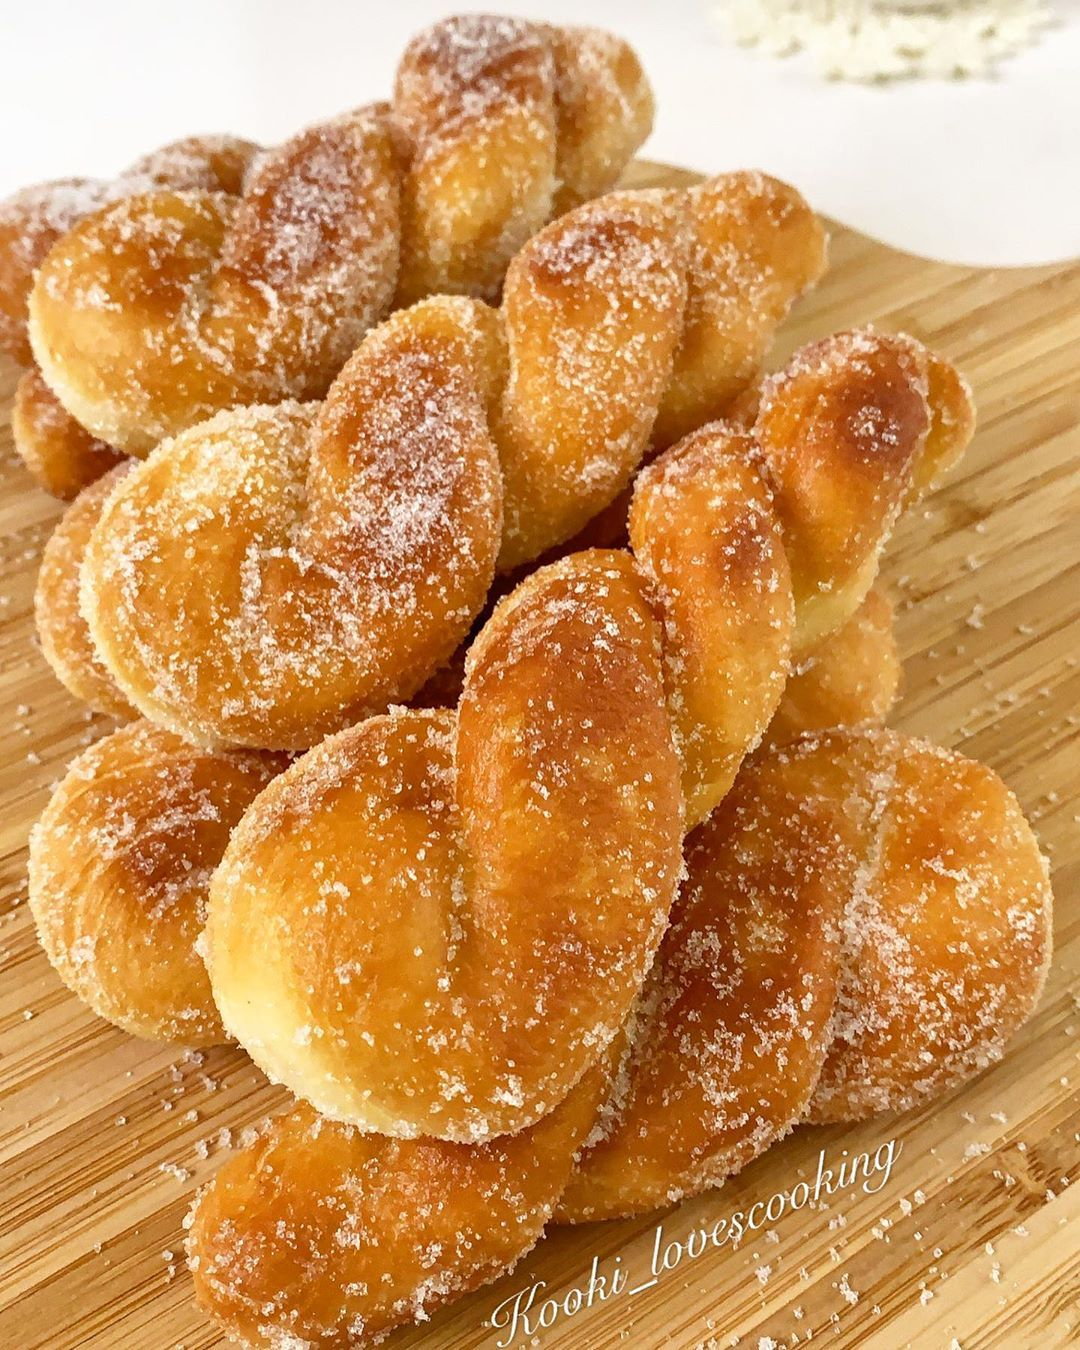 """Kaoutar 👩🏻🍳 on Instagram: """"Beignets torsadés 🇰🇷 Il suffit de défiler les photos pour la recette 👉🏻 . . . #beignets #donuts #instafood #instafoodie #instafoodies…"""""""